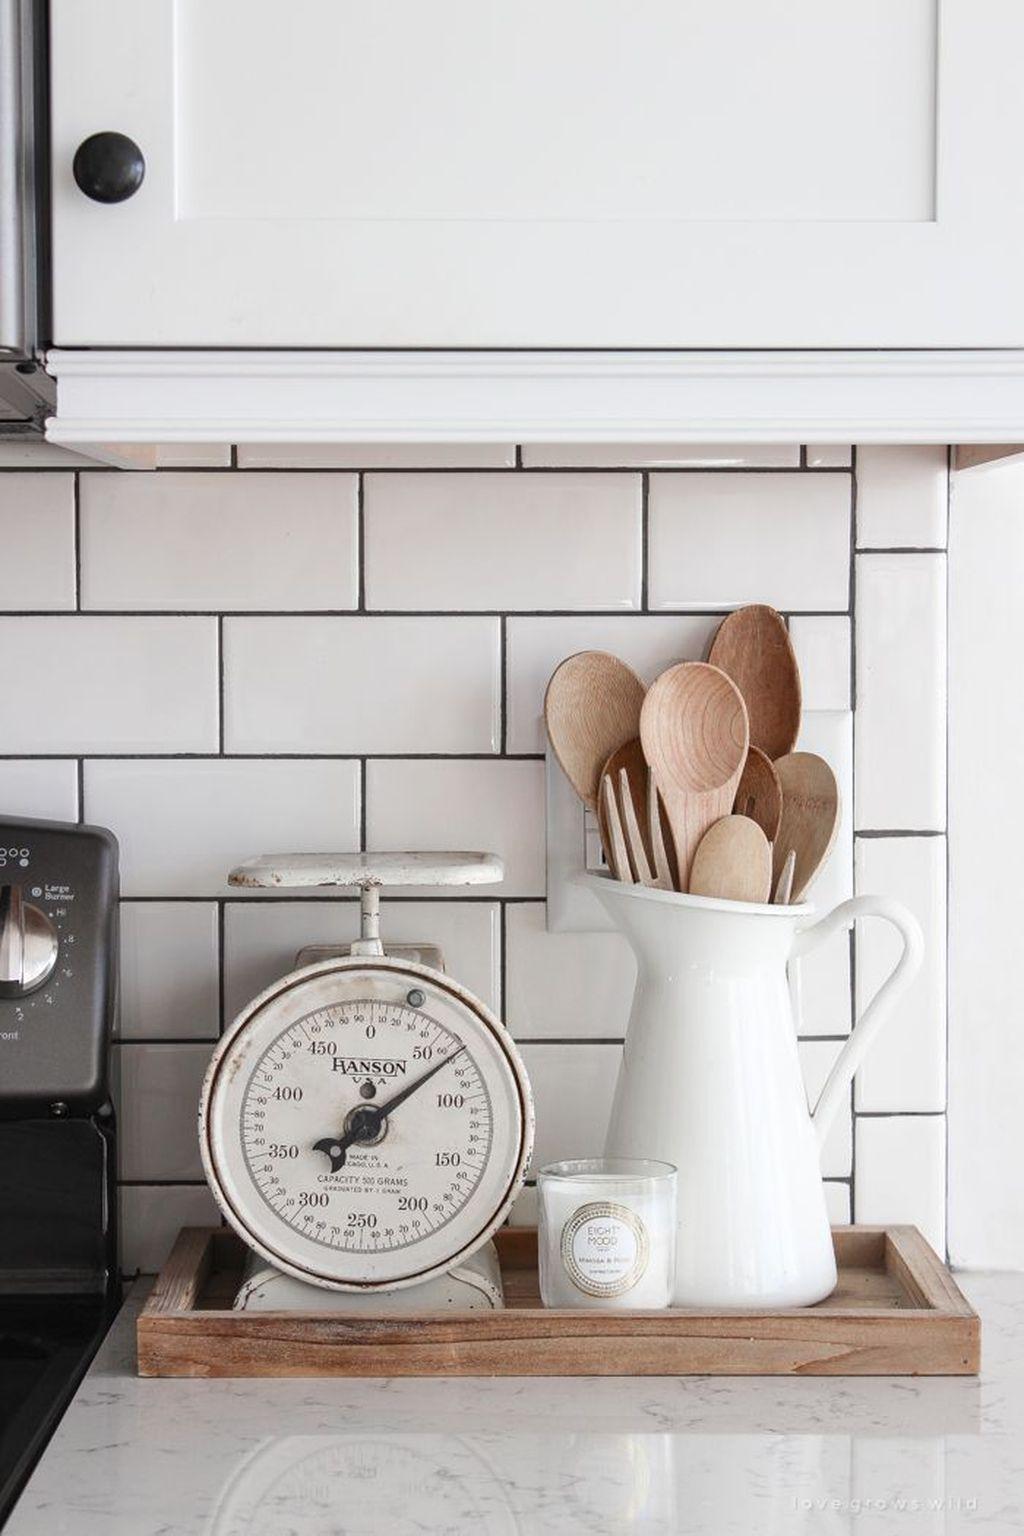 Amazing Organized Farmhouse Kitchen Decor Ideas 42